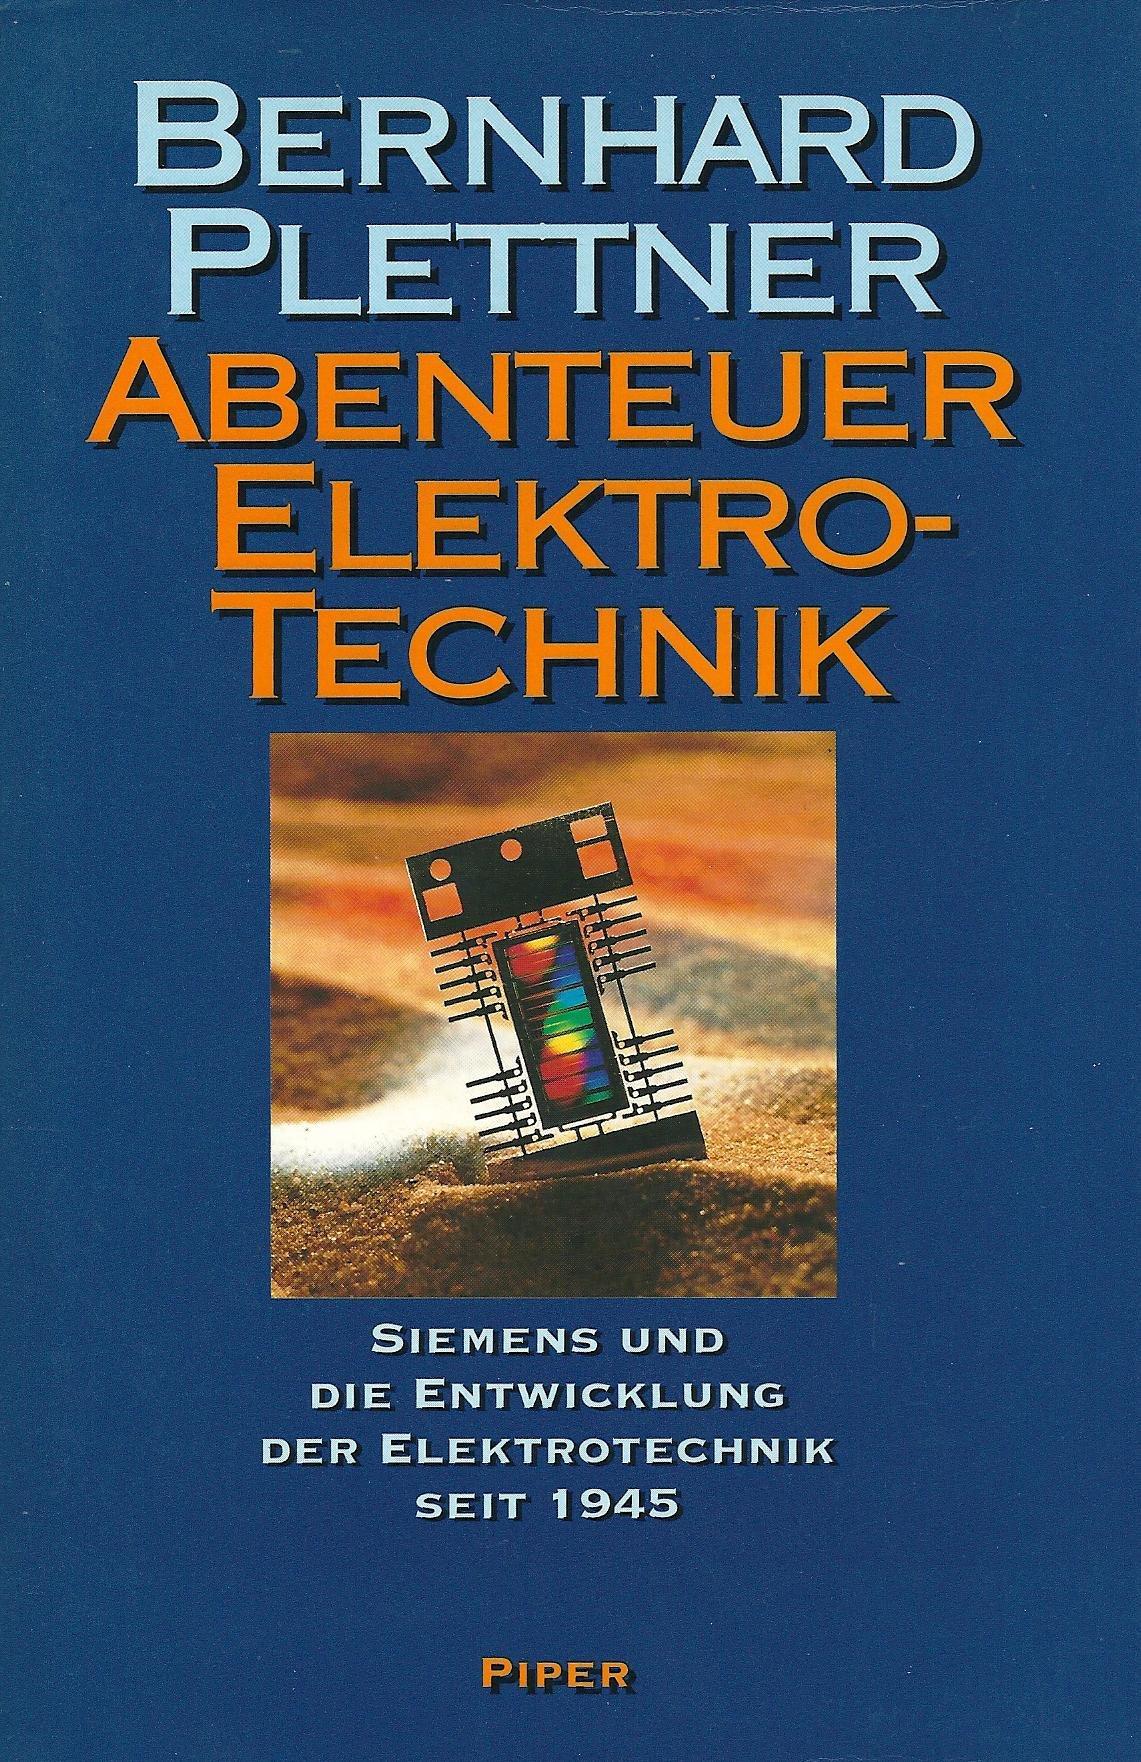 Abenteuer Elektrotechnik - Siemens und die Entwicklung der Elektrotechnik seit 1945